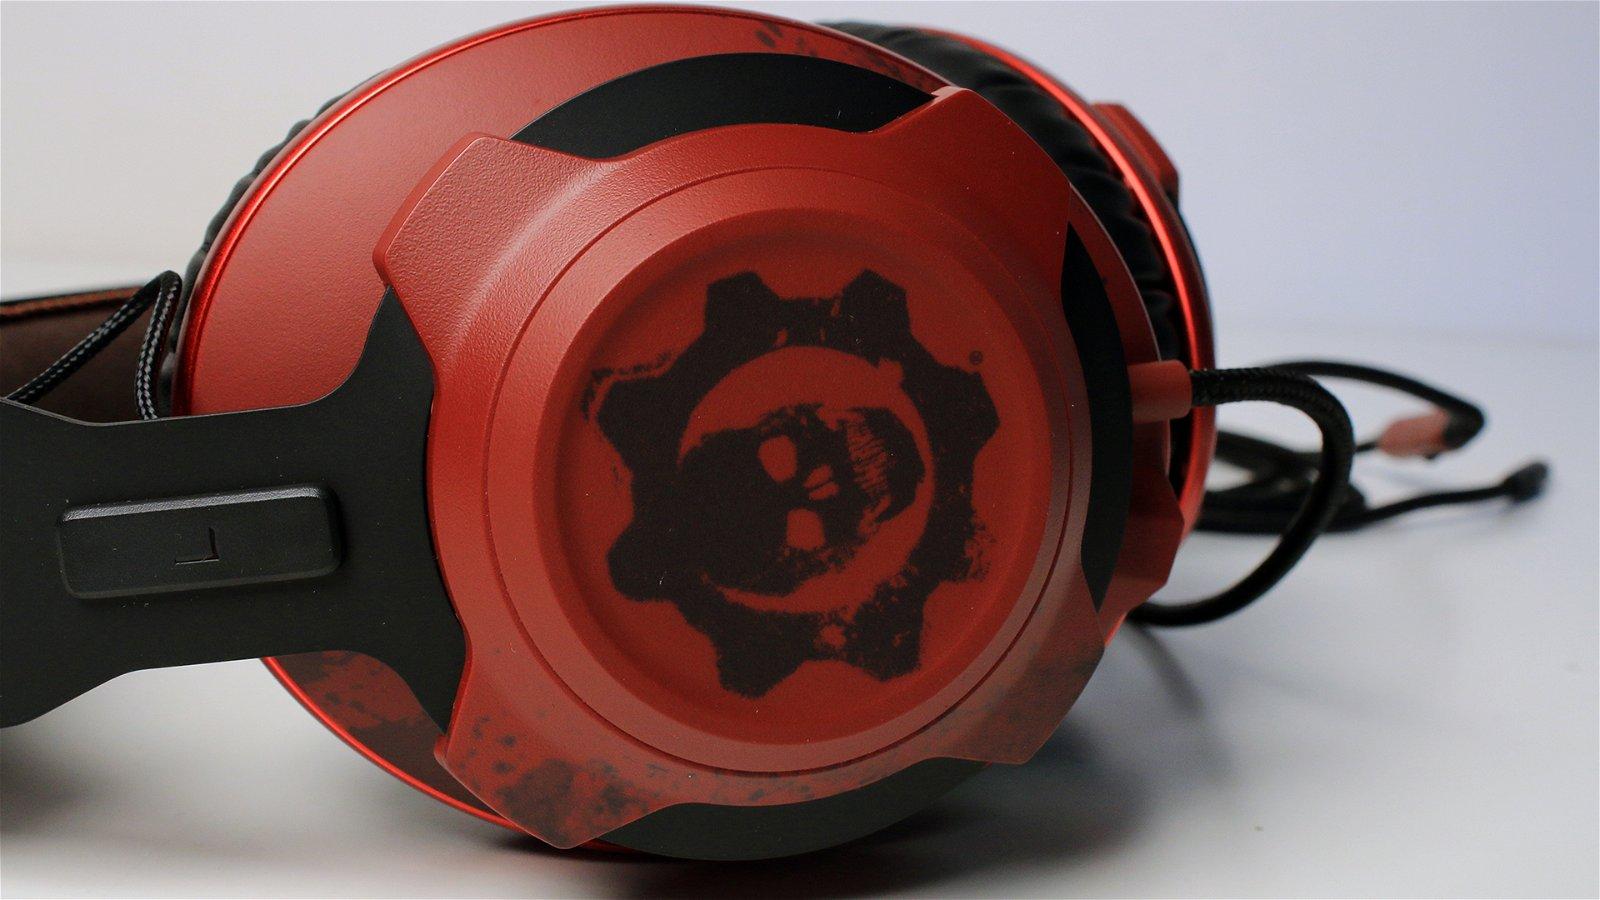 Hyperx Cloudx Revolver Gears Of War (Headset) Review 4